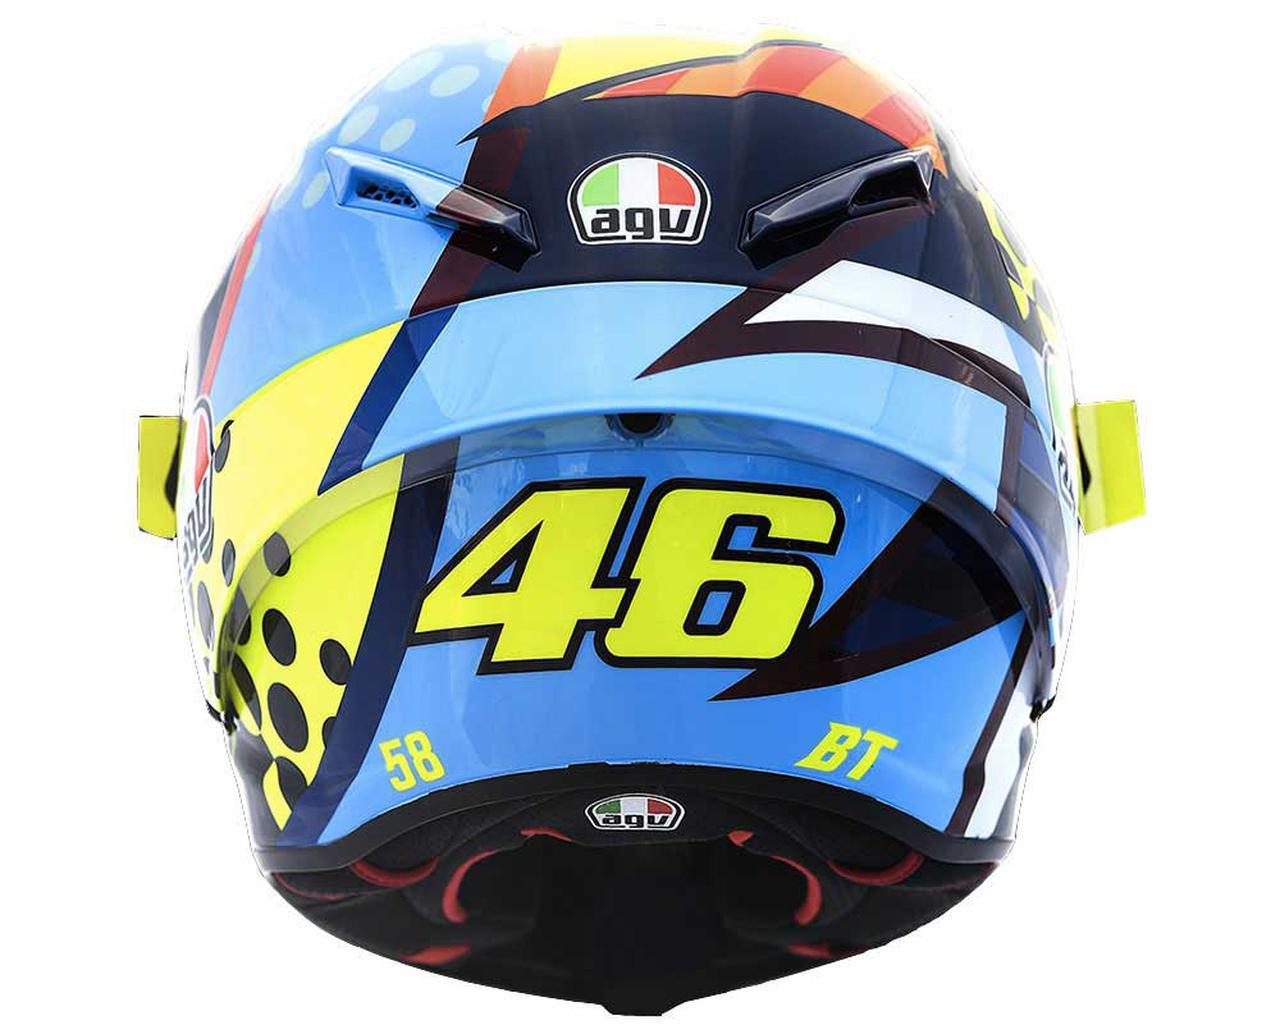 画像: 〈バレンティーノ・ロッシ〉最新レプリカヘルメット! AGVから「PISTA GP RR ウインターテスト 2020」が登場 - webオートバイ